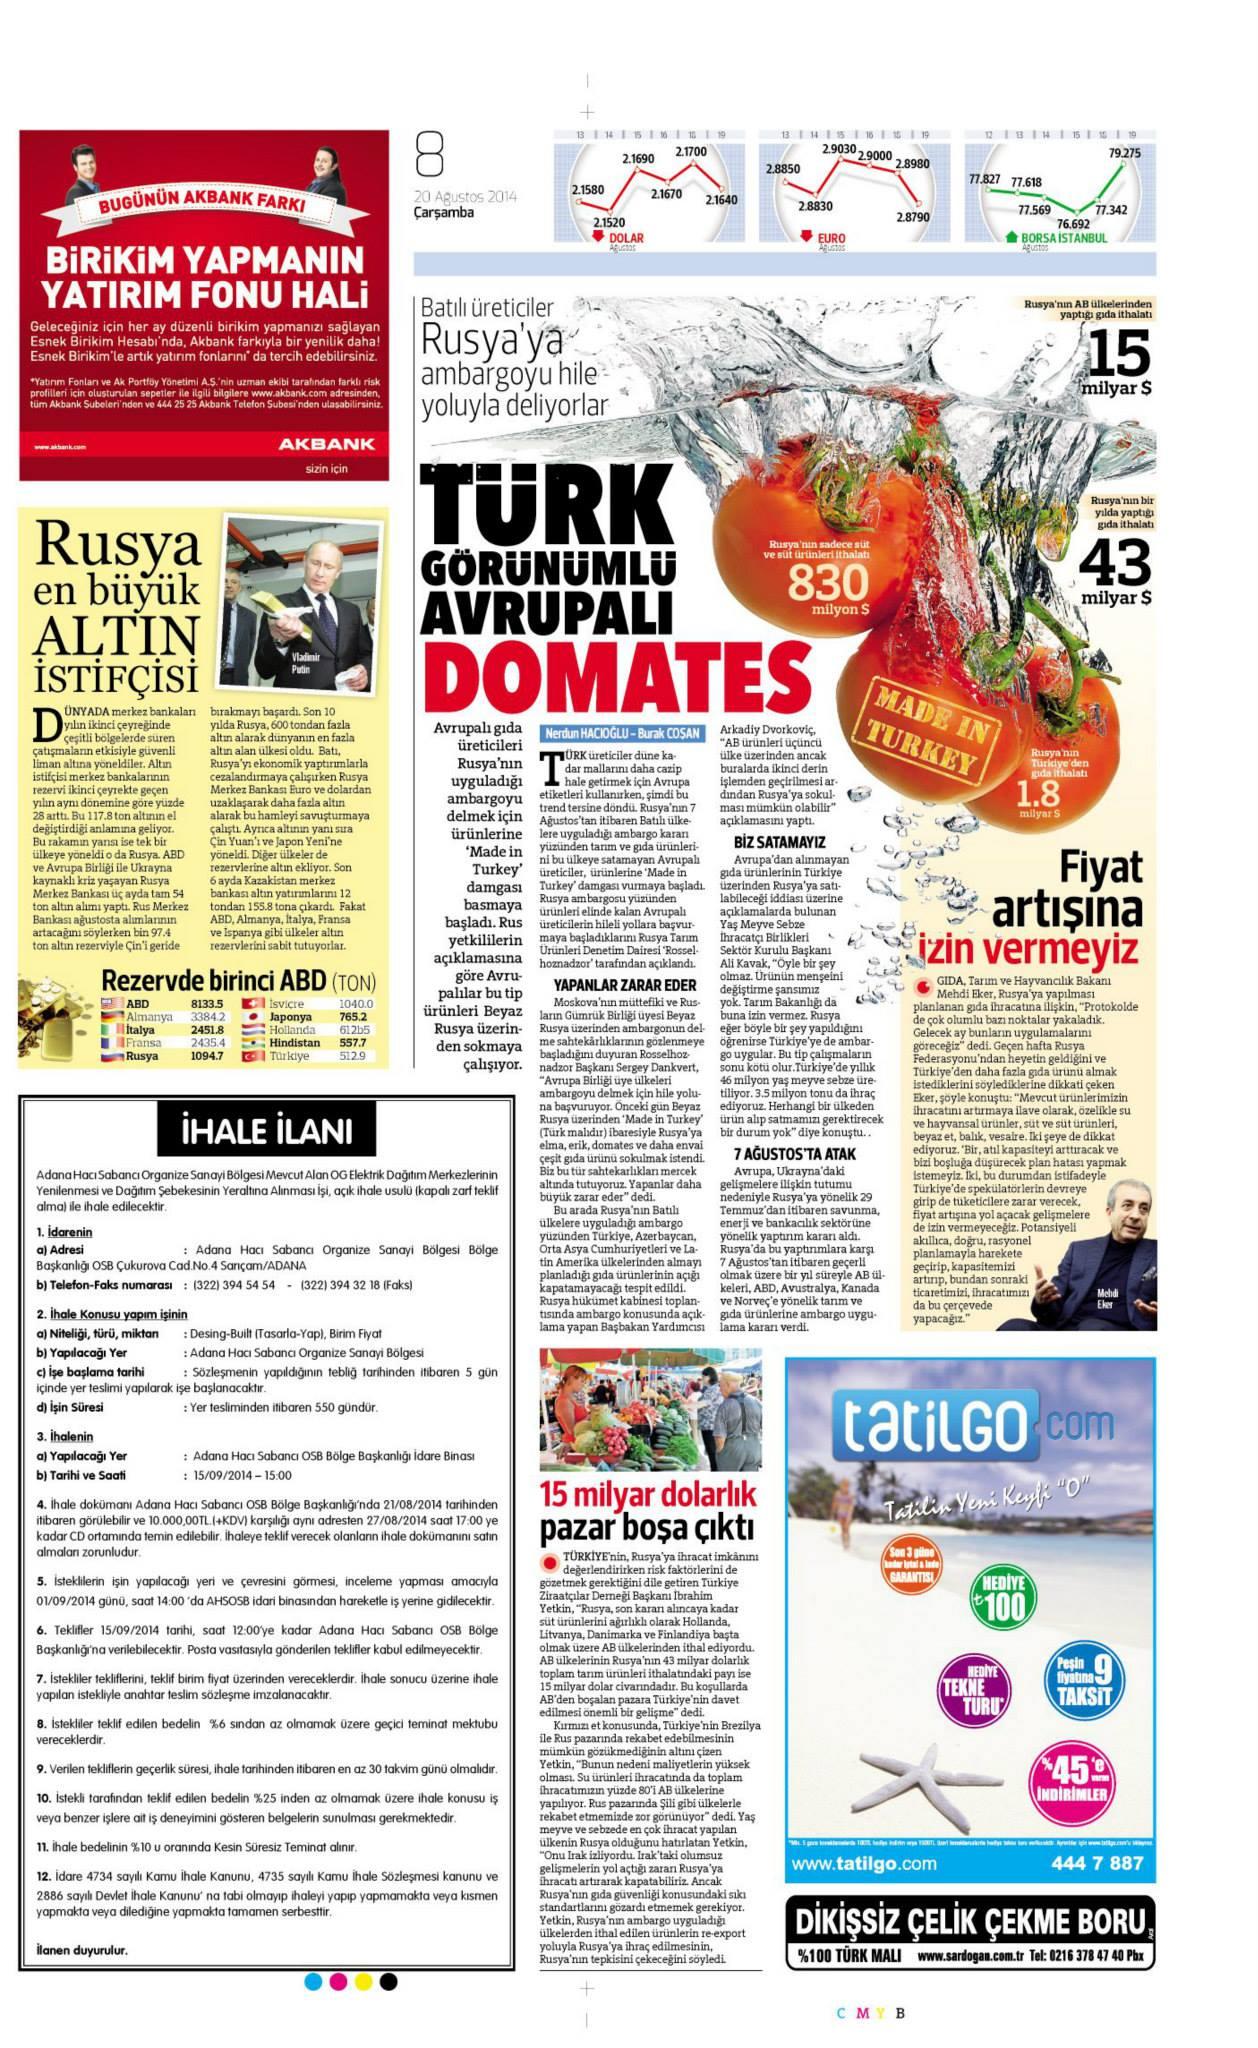 Yayınlanmış Ulusal gazete tasarımlarım